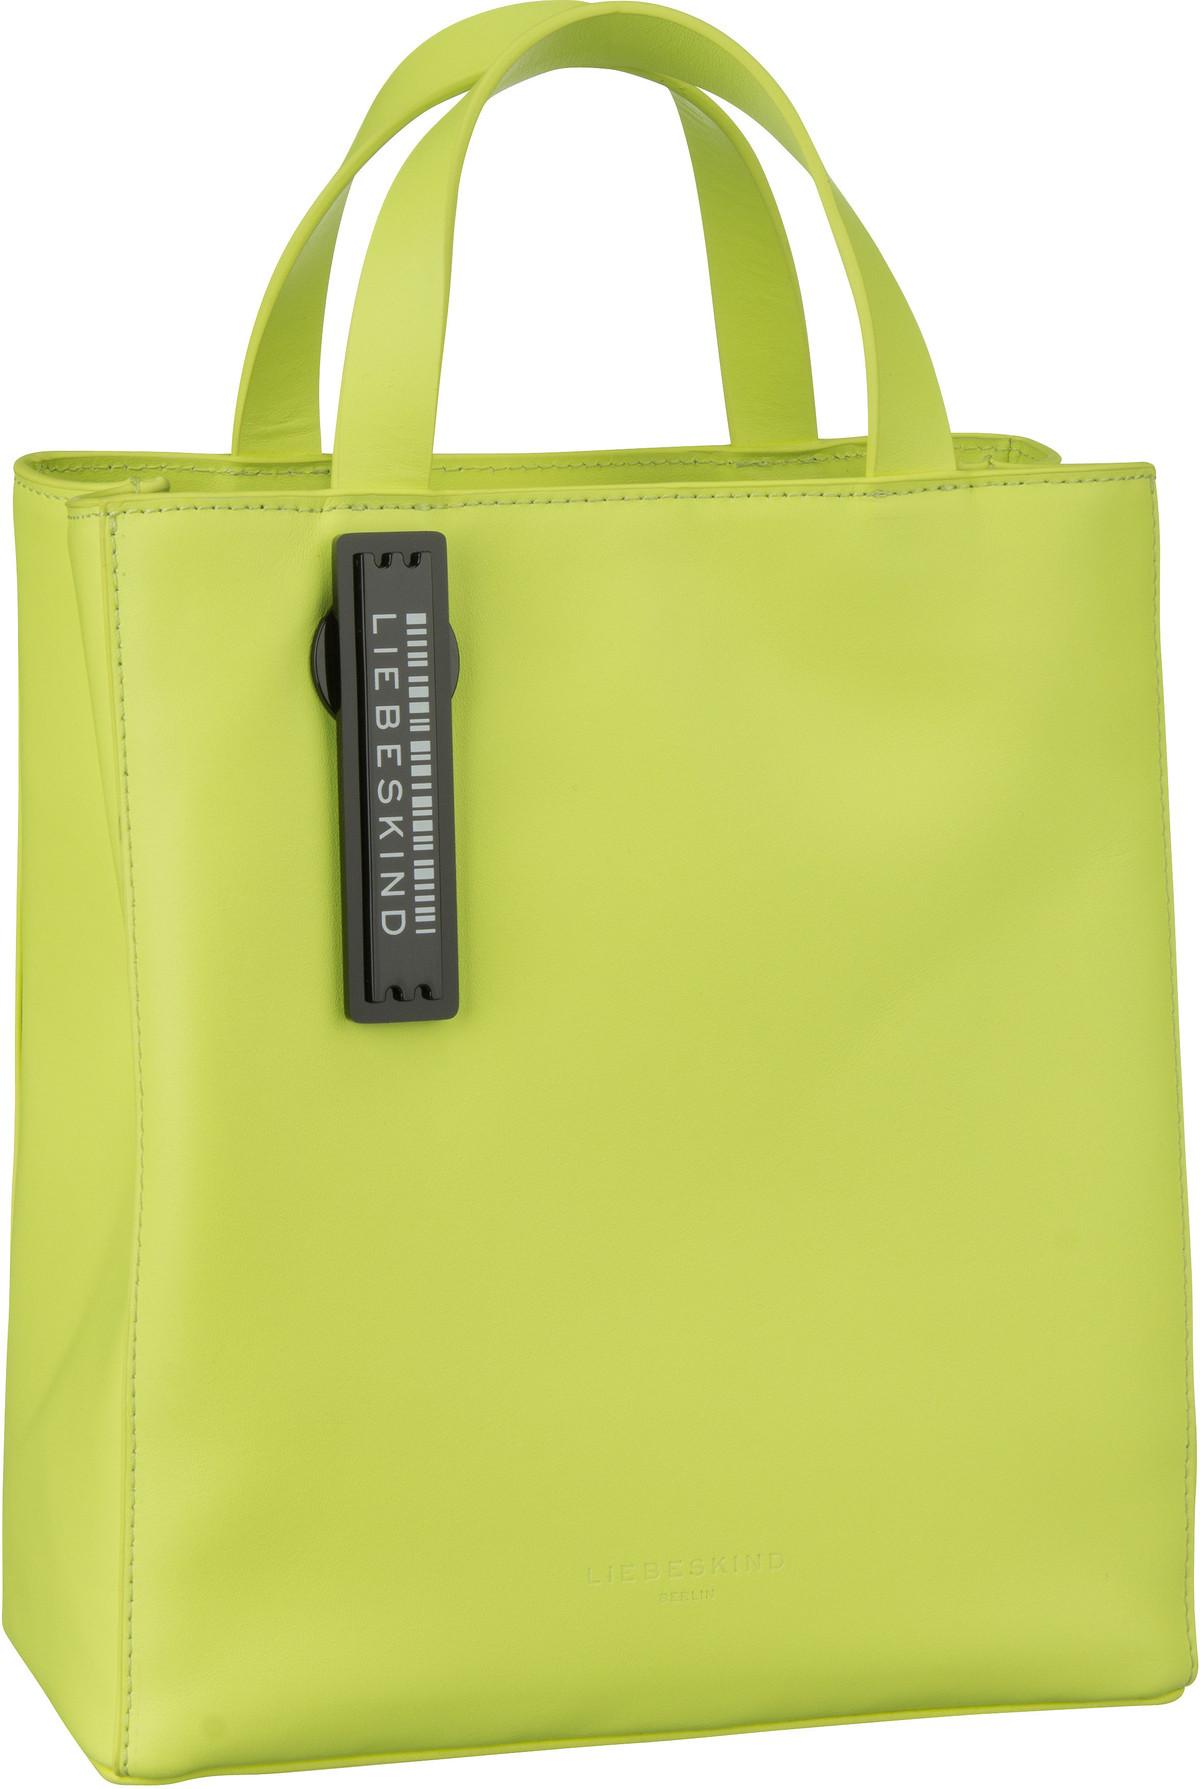 Berlin Handtasche Paper Bag Tote S Neon Yellow